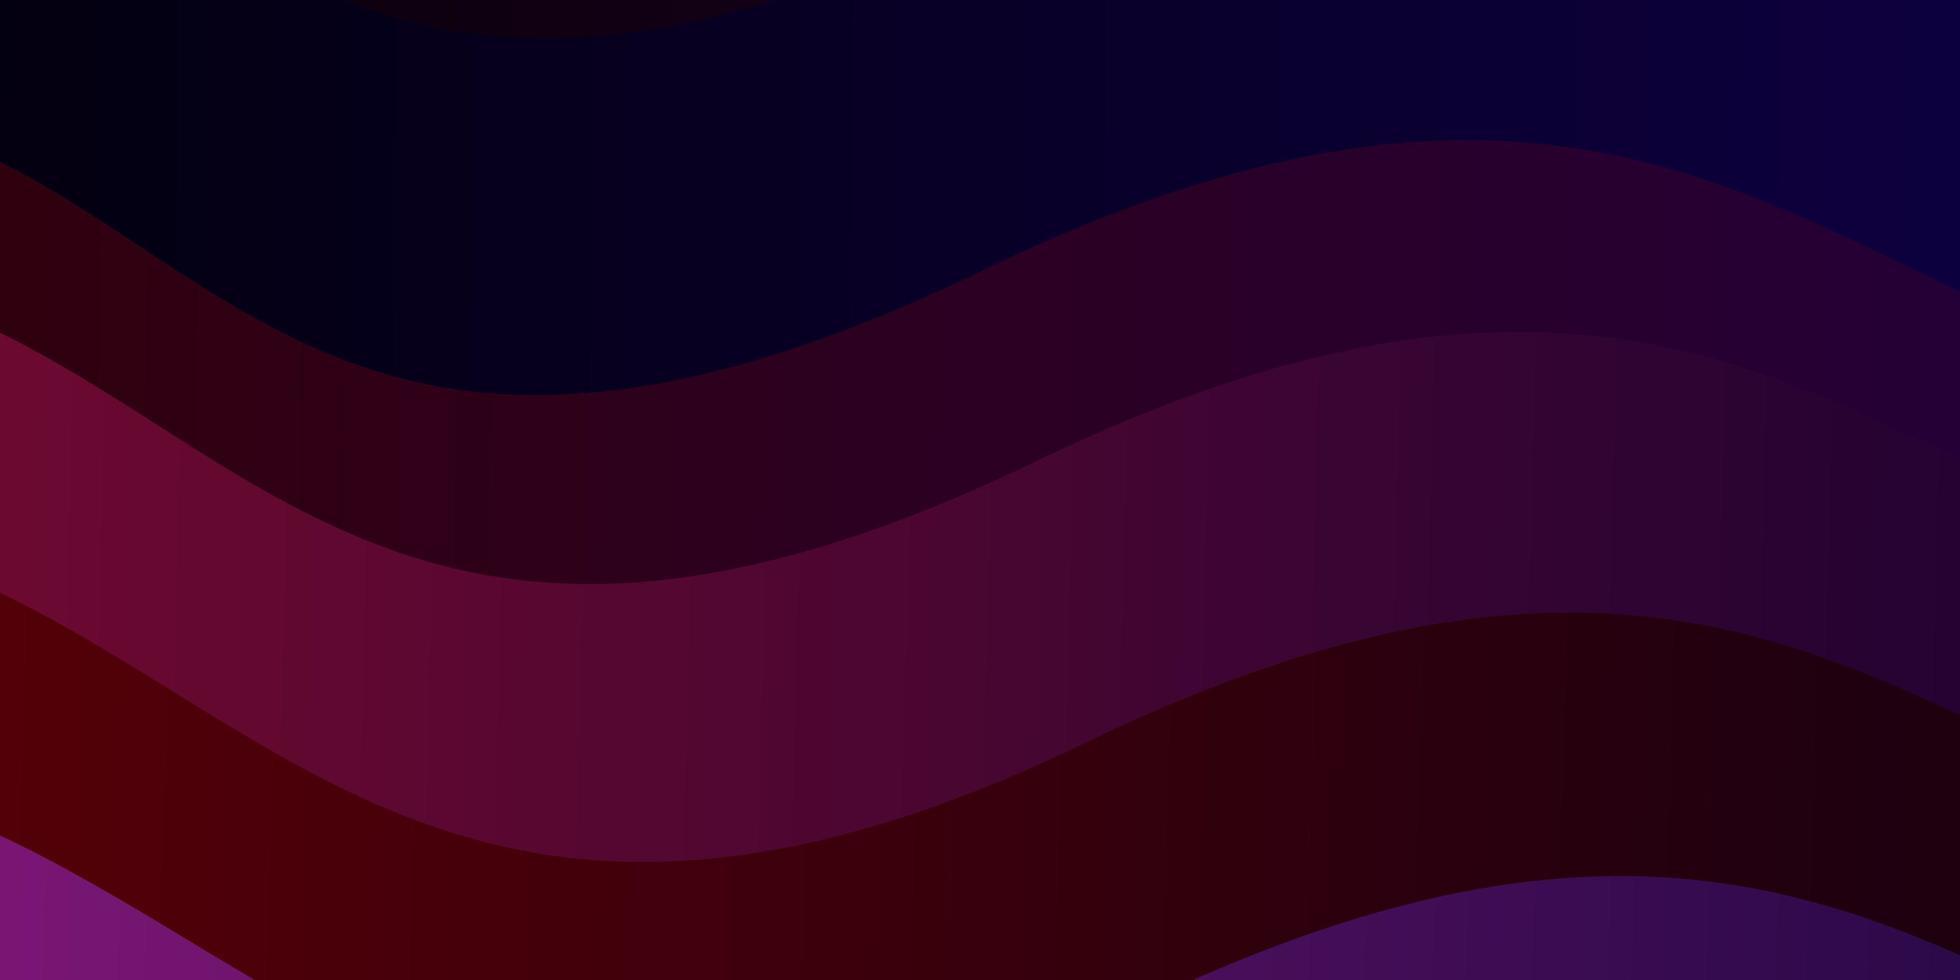 mörkblå, röd vektorlayout med sneda linjer. vektor